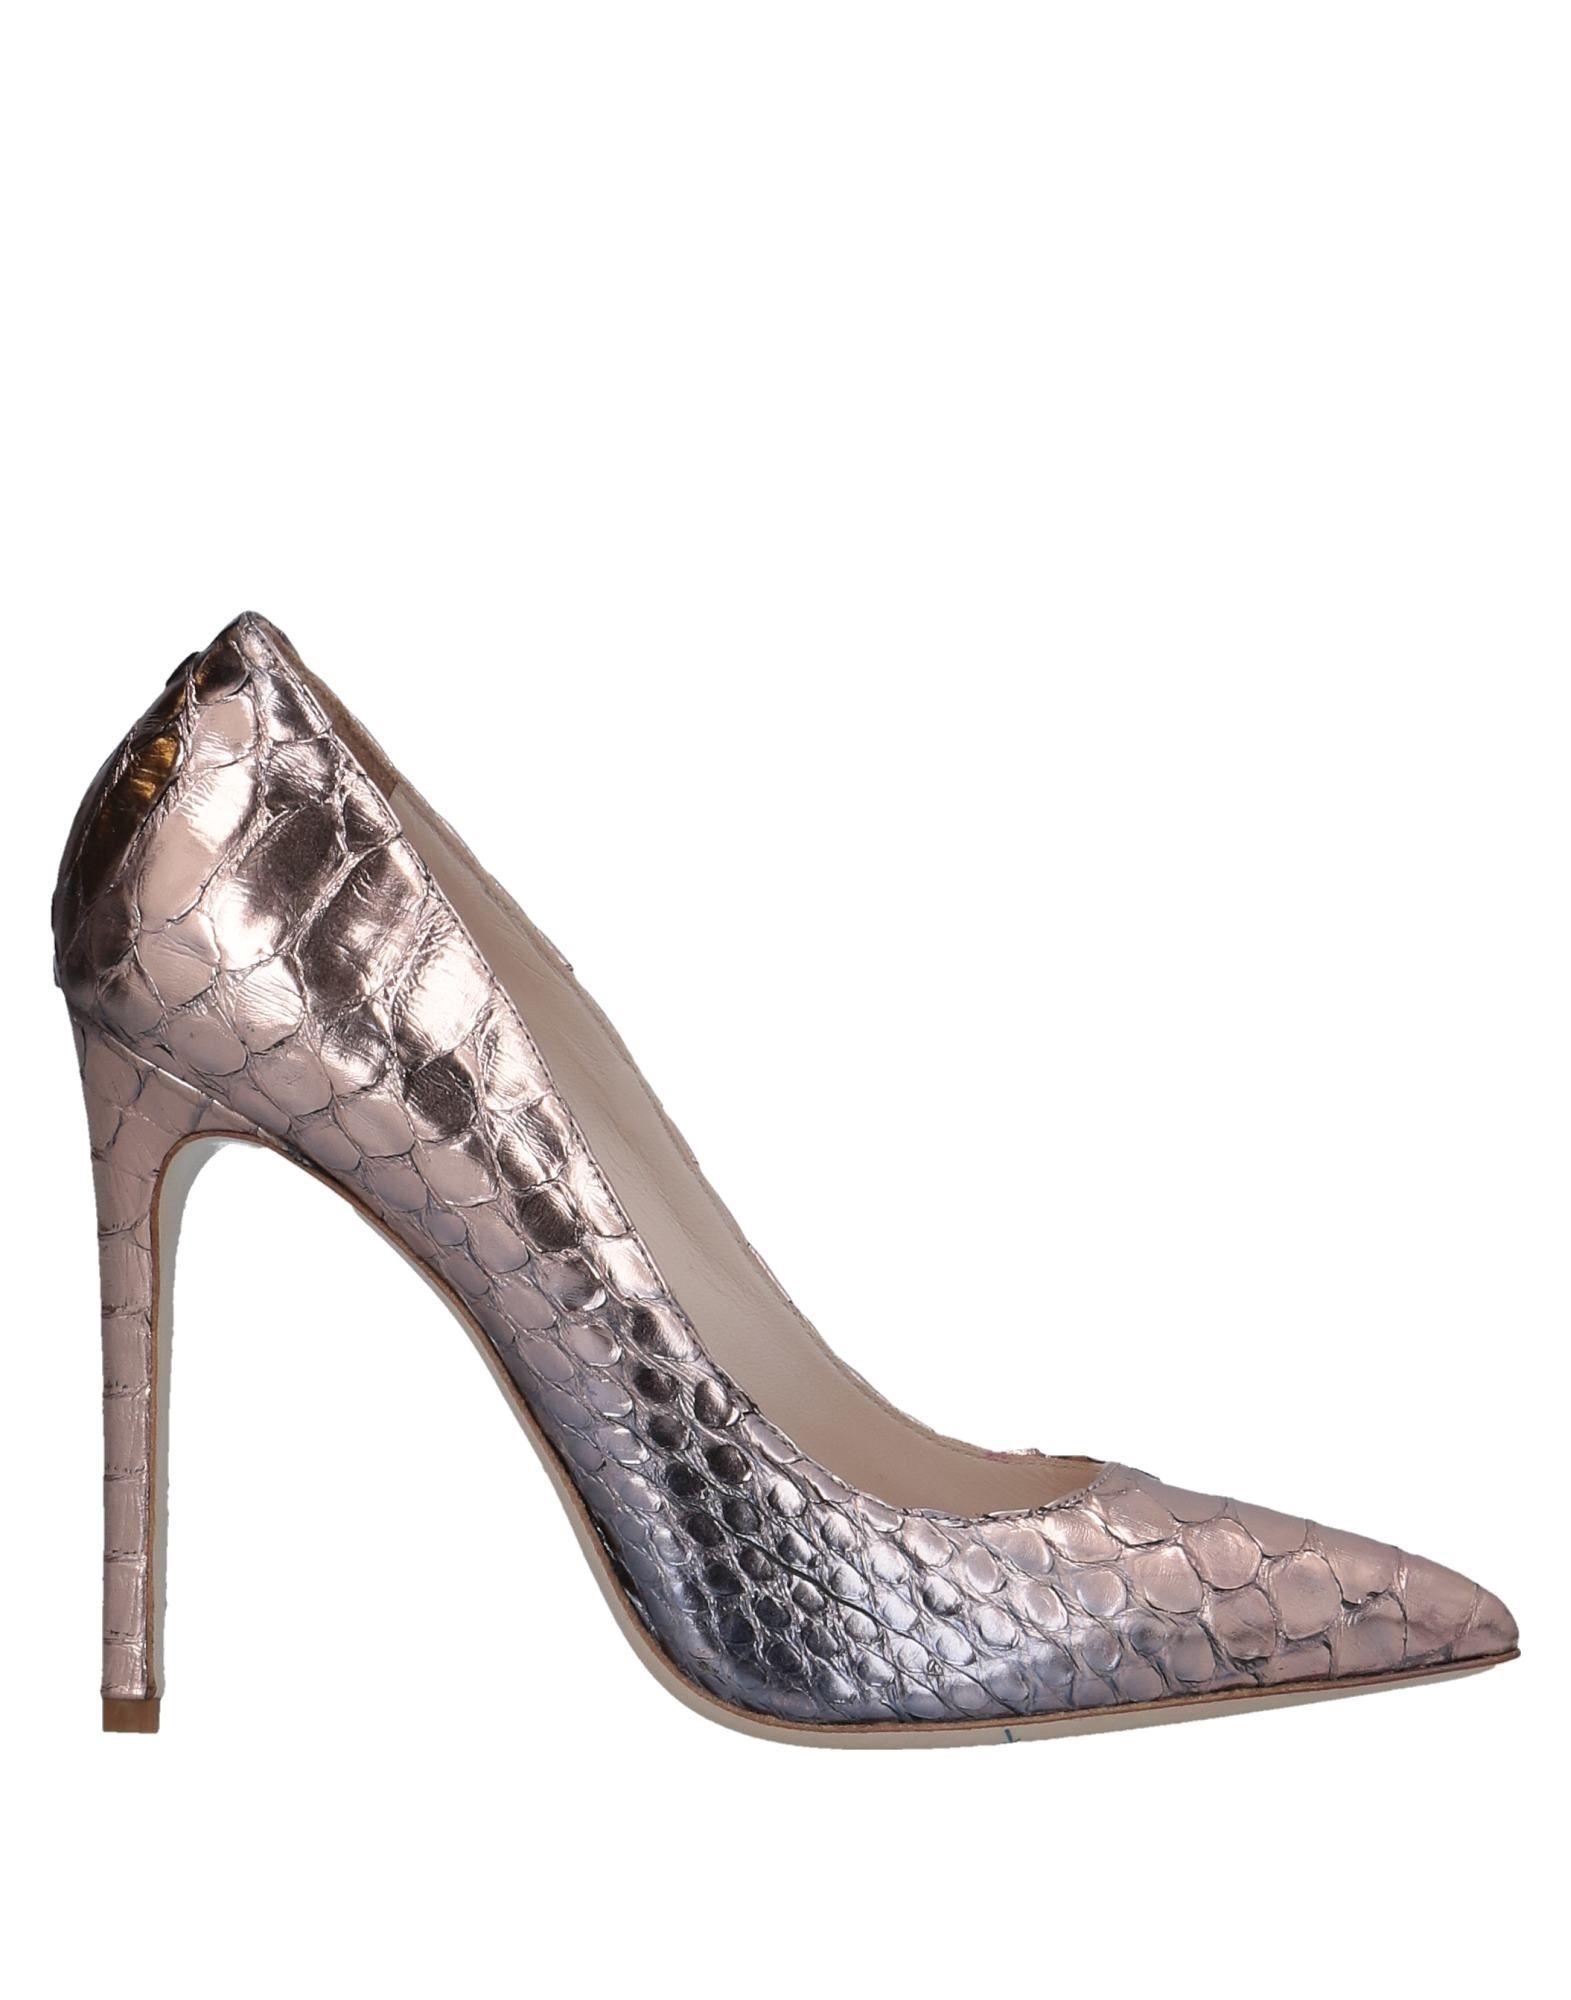 Rabatt Schuhe Gianmarco Lorenzi Pumps Damen  11525739LC